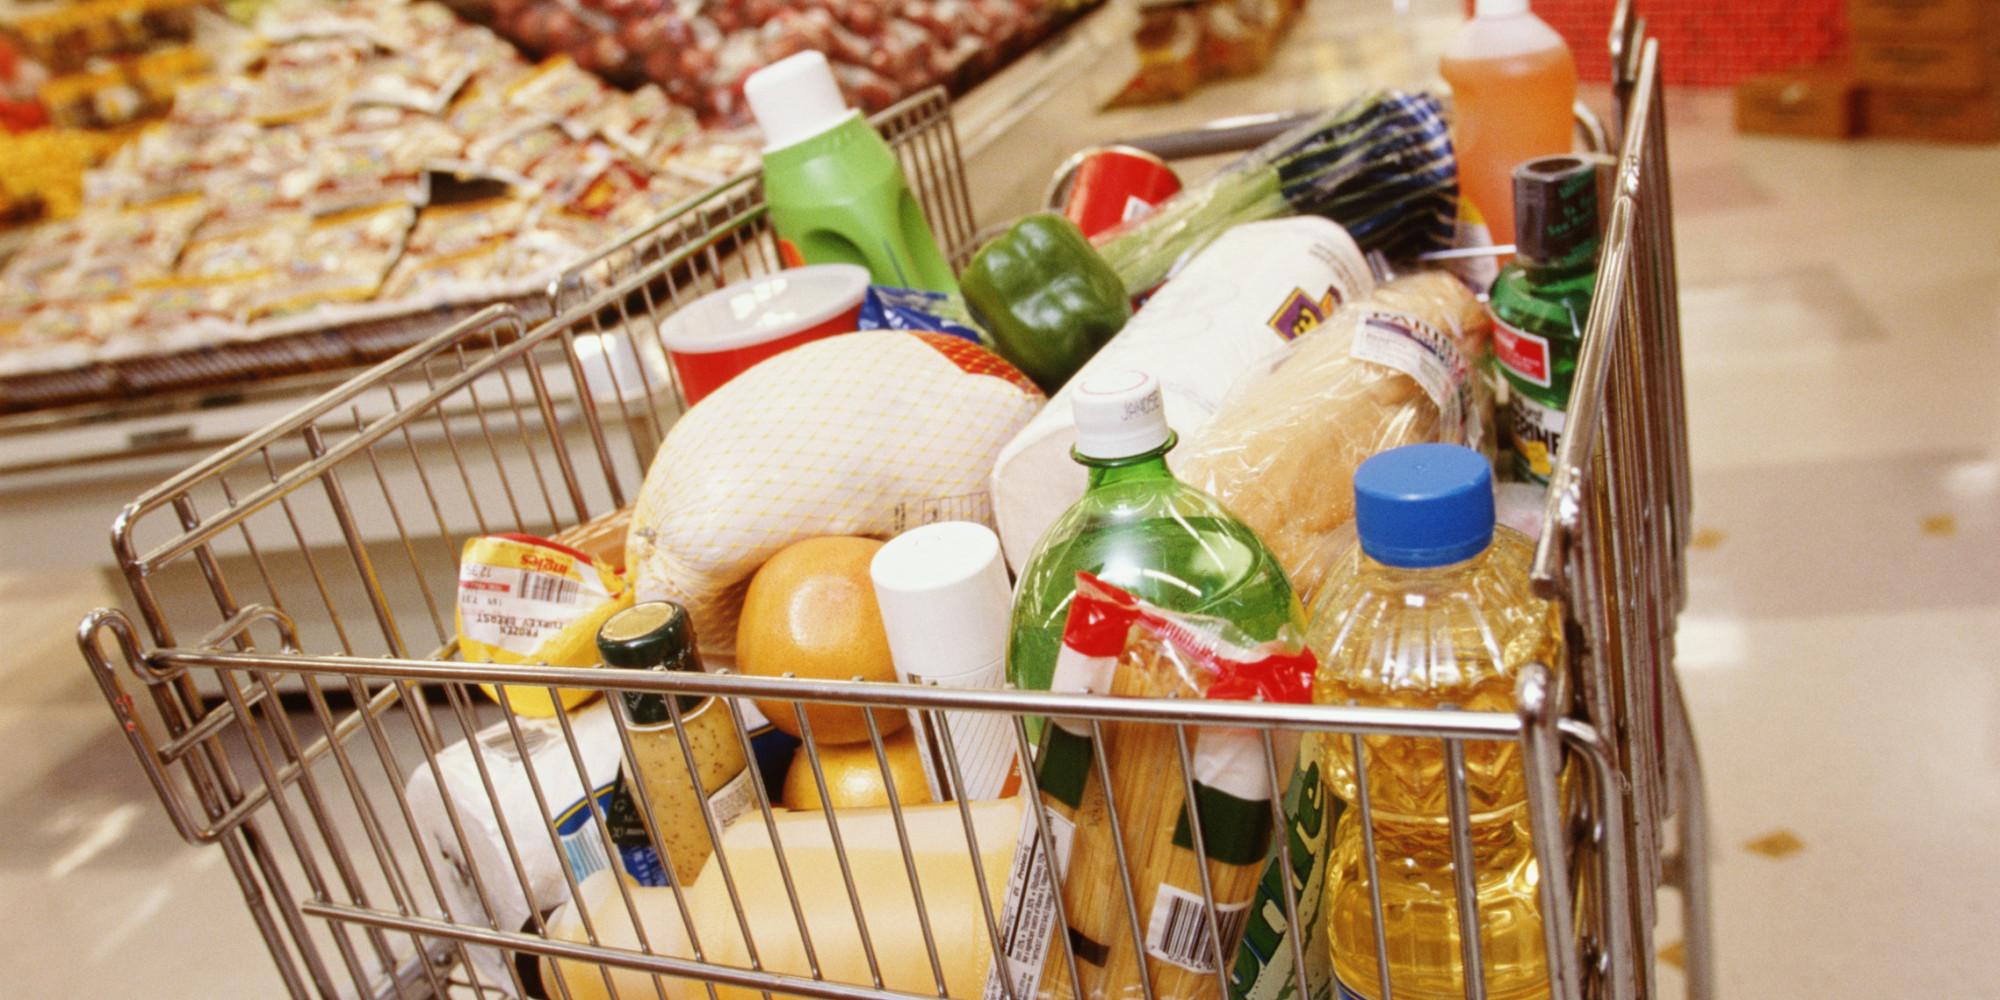 Продуктовая корзина подорожала на 5% в Вологодской области